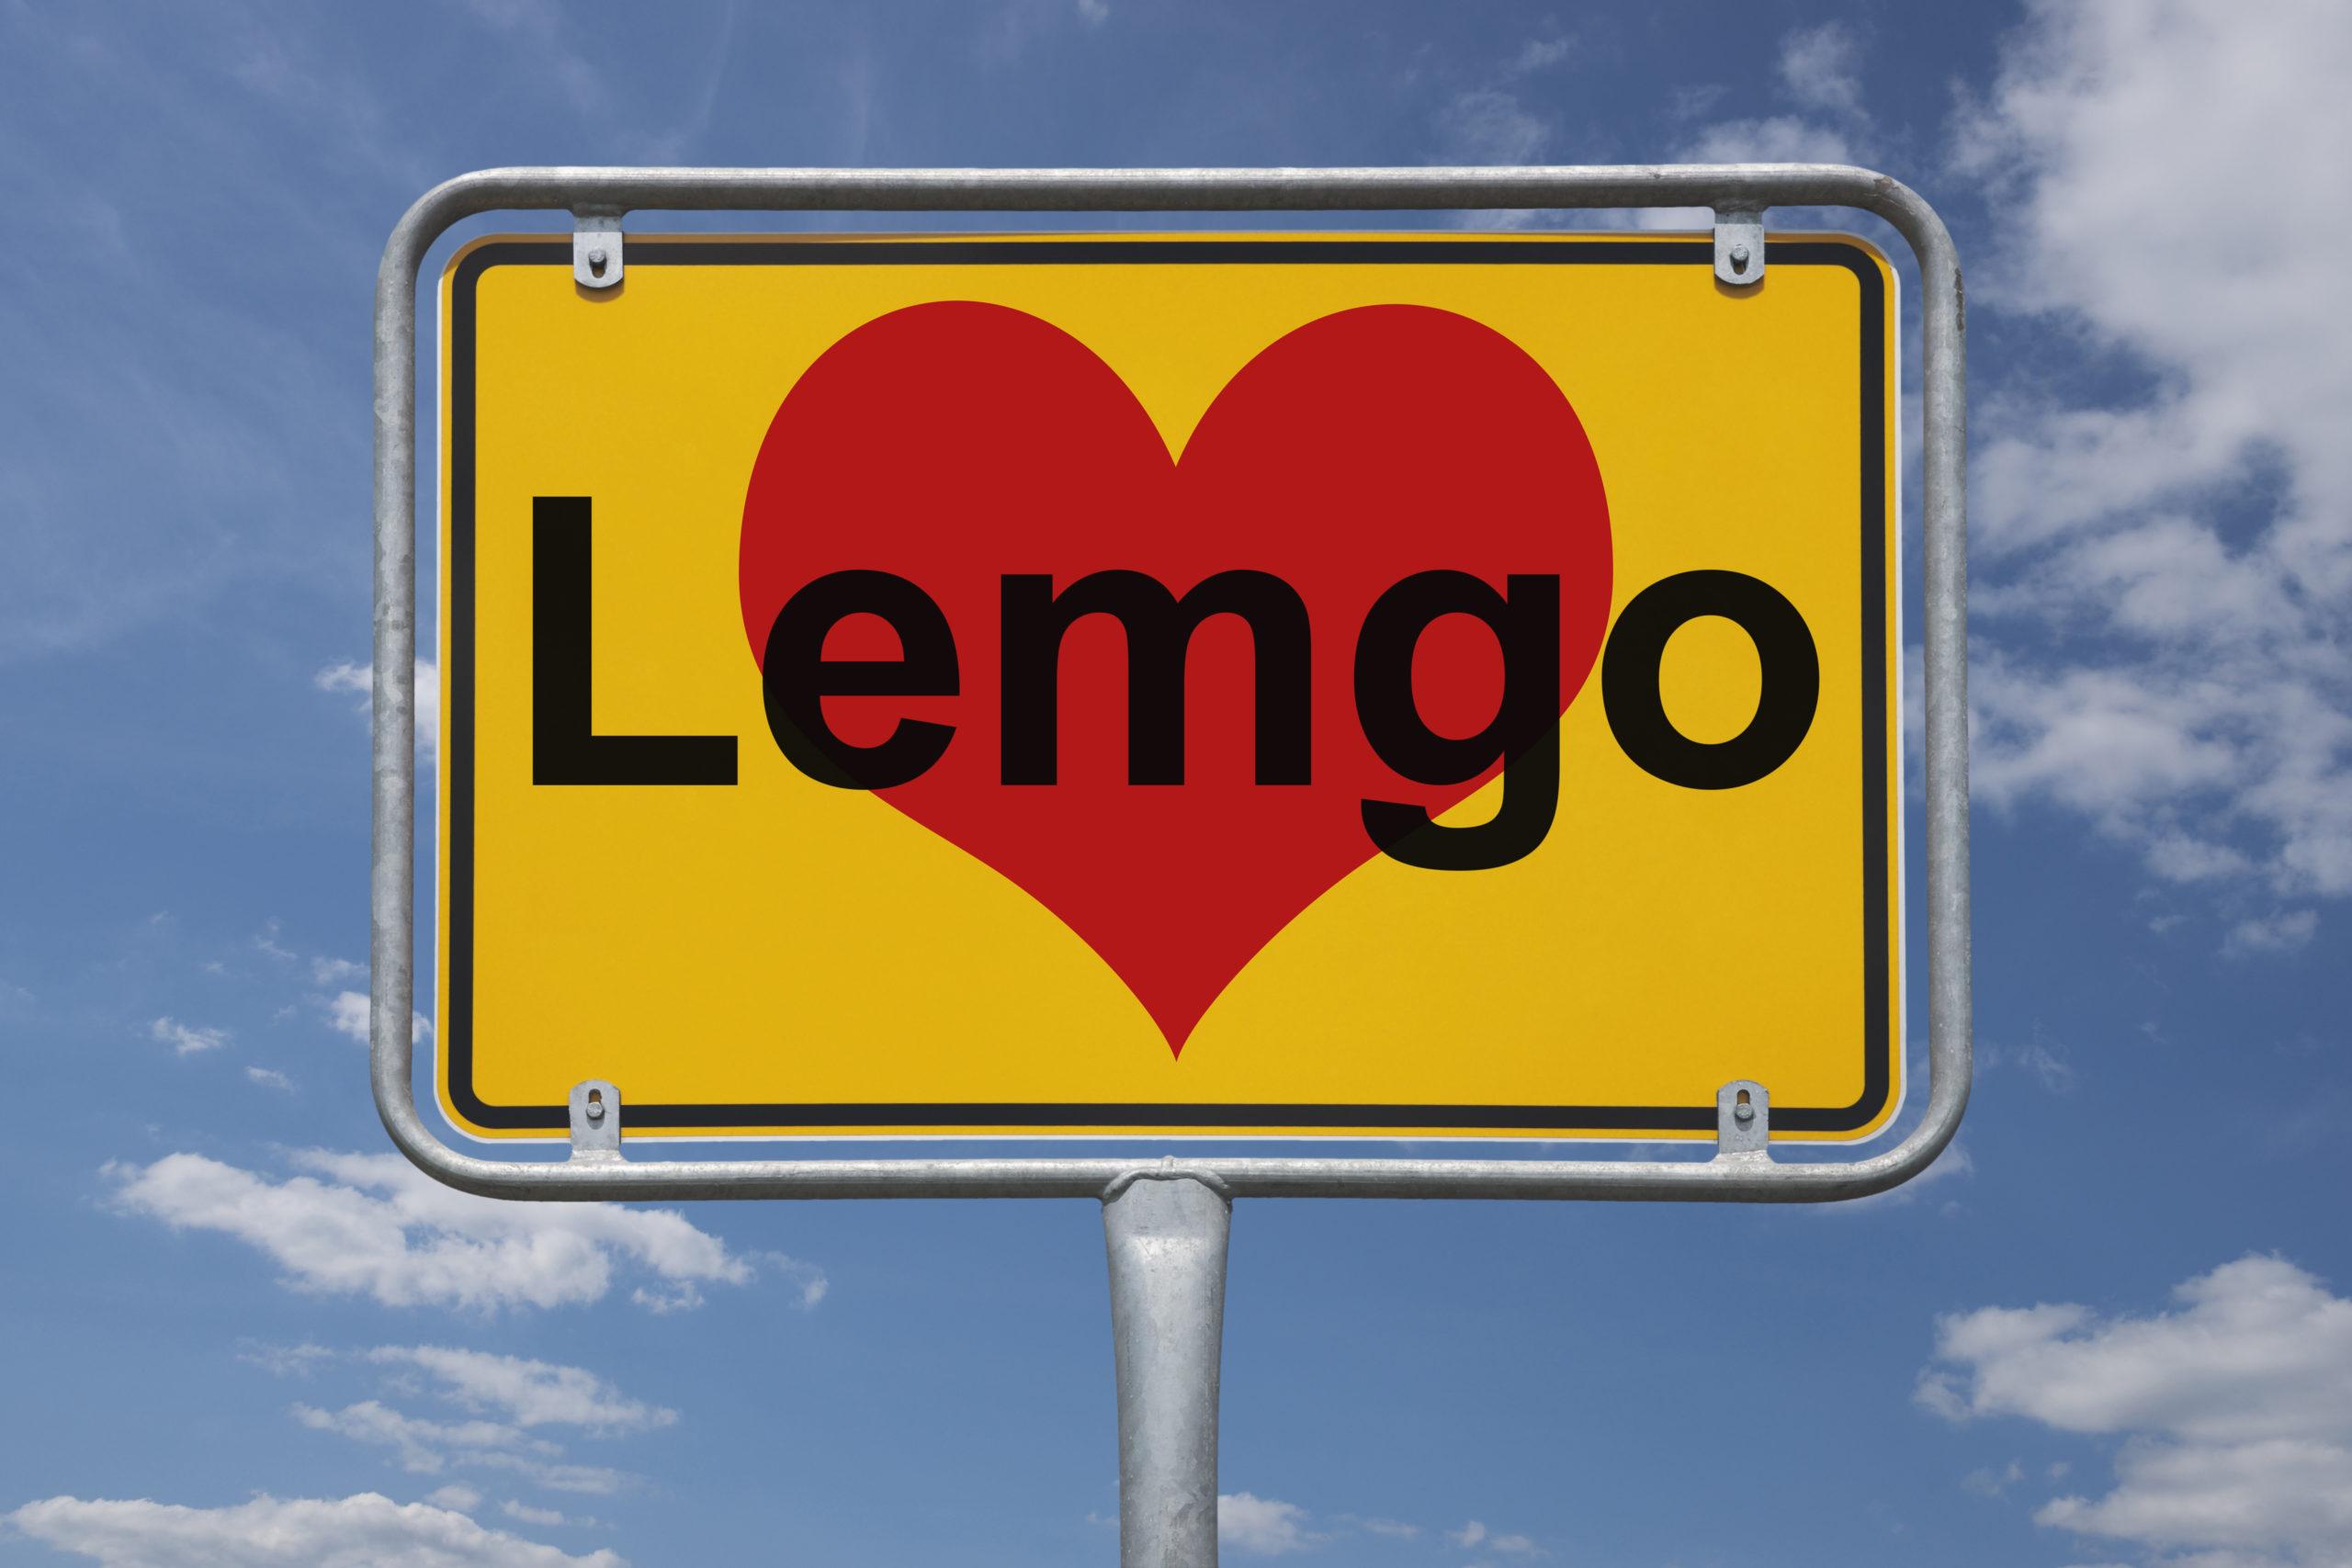 Kurierdienst Lemgo